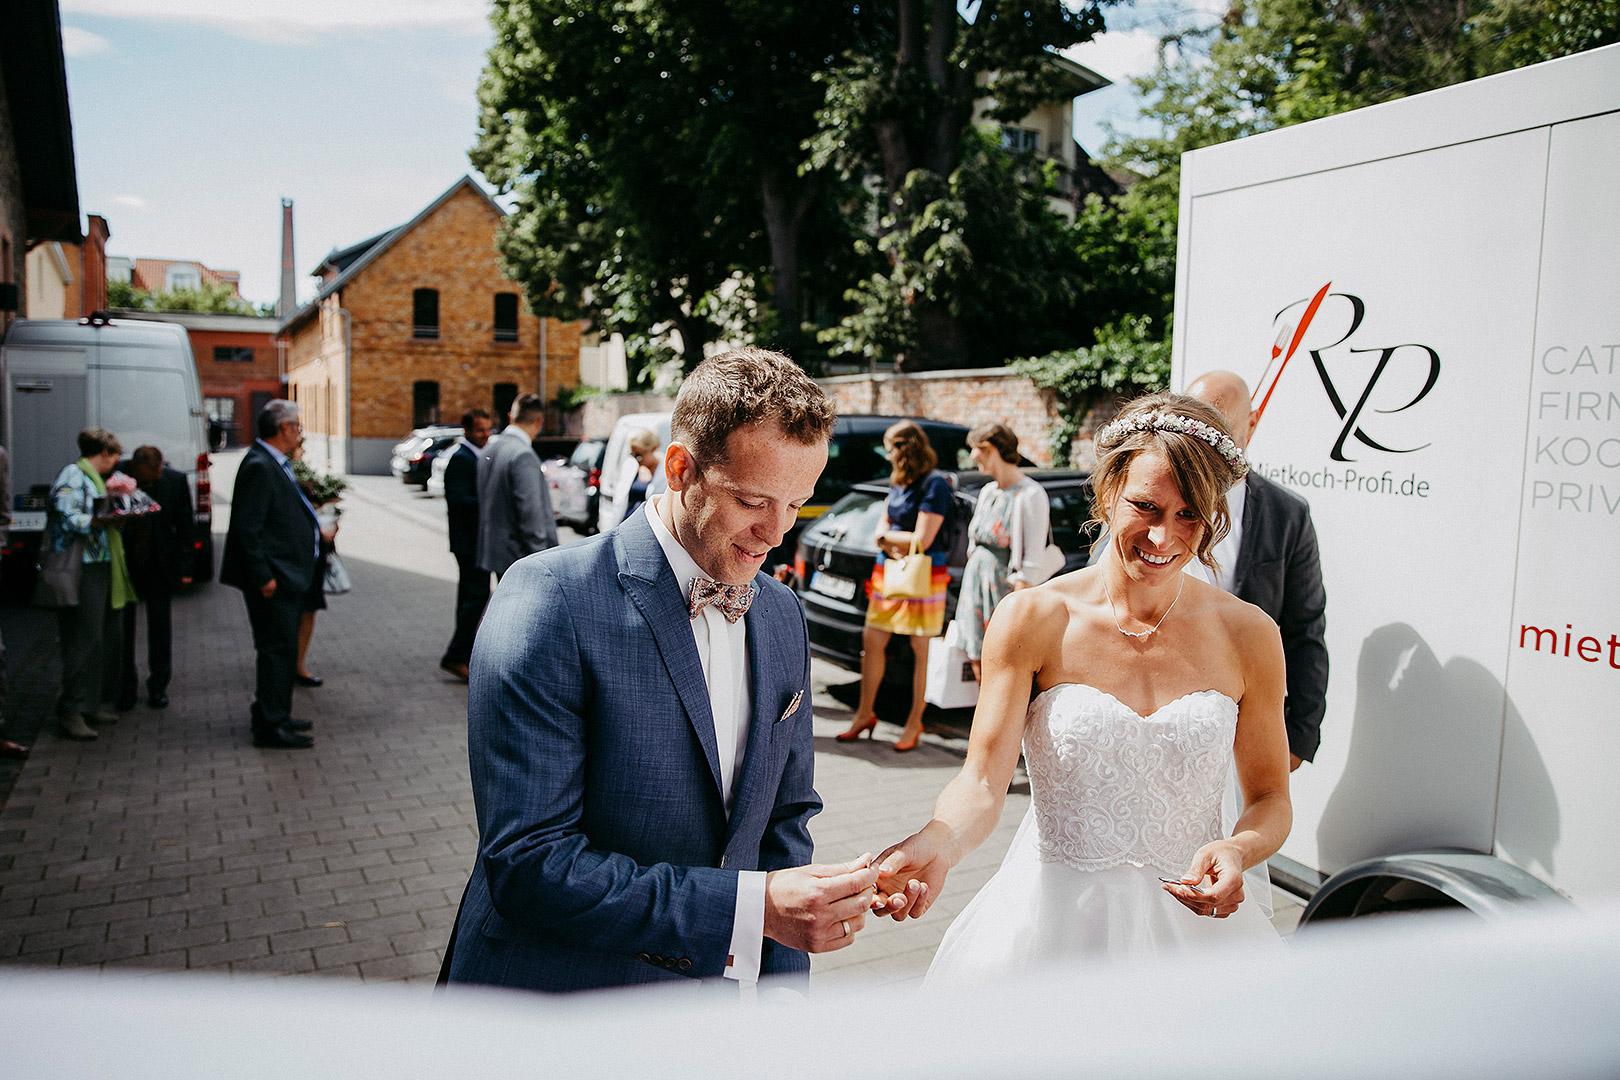 portrait_wedding_svenjaundleo_39